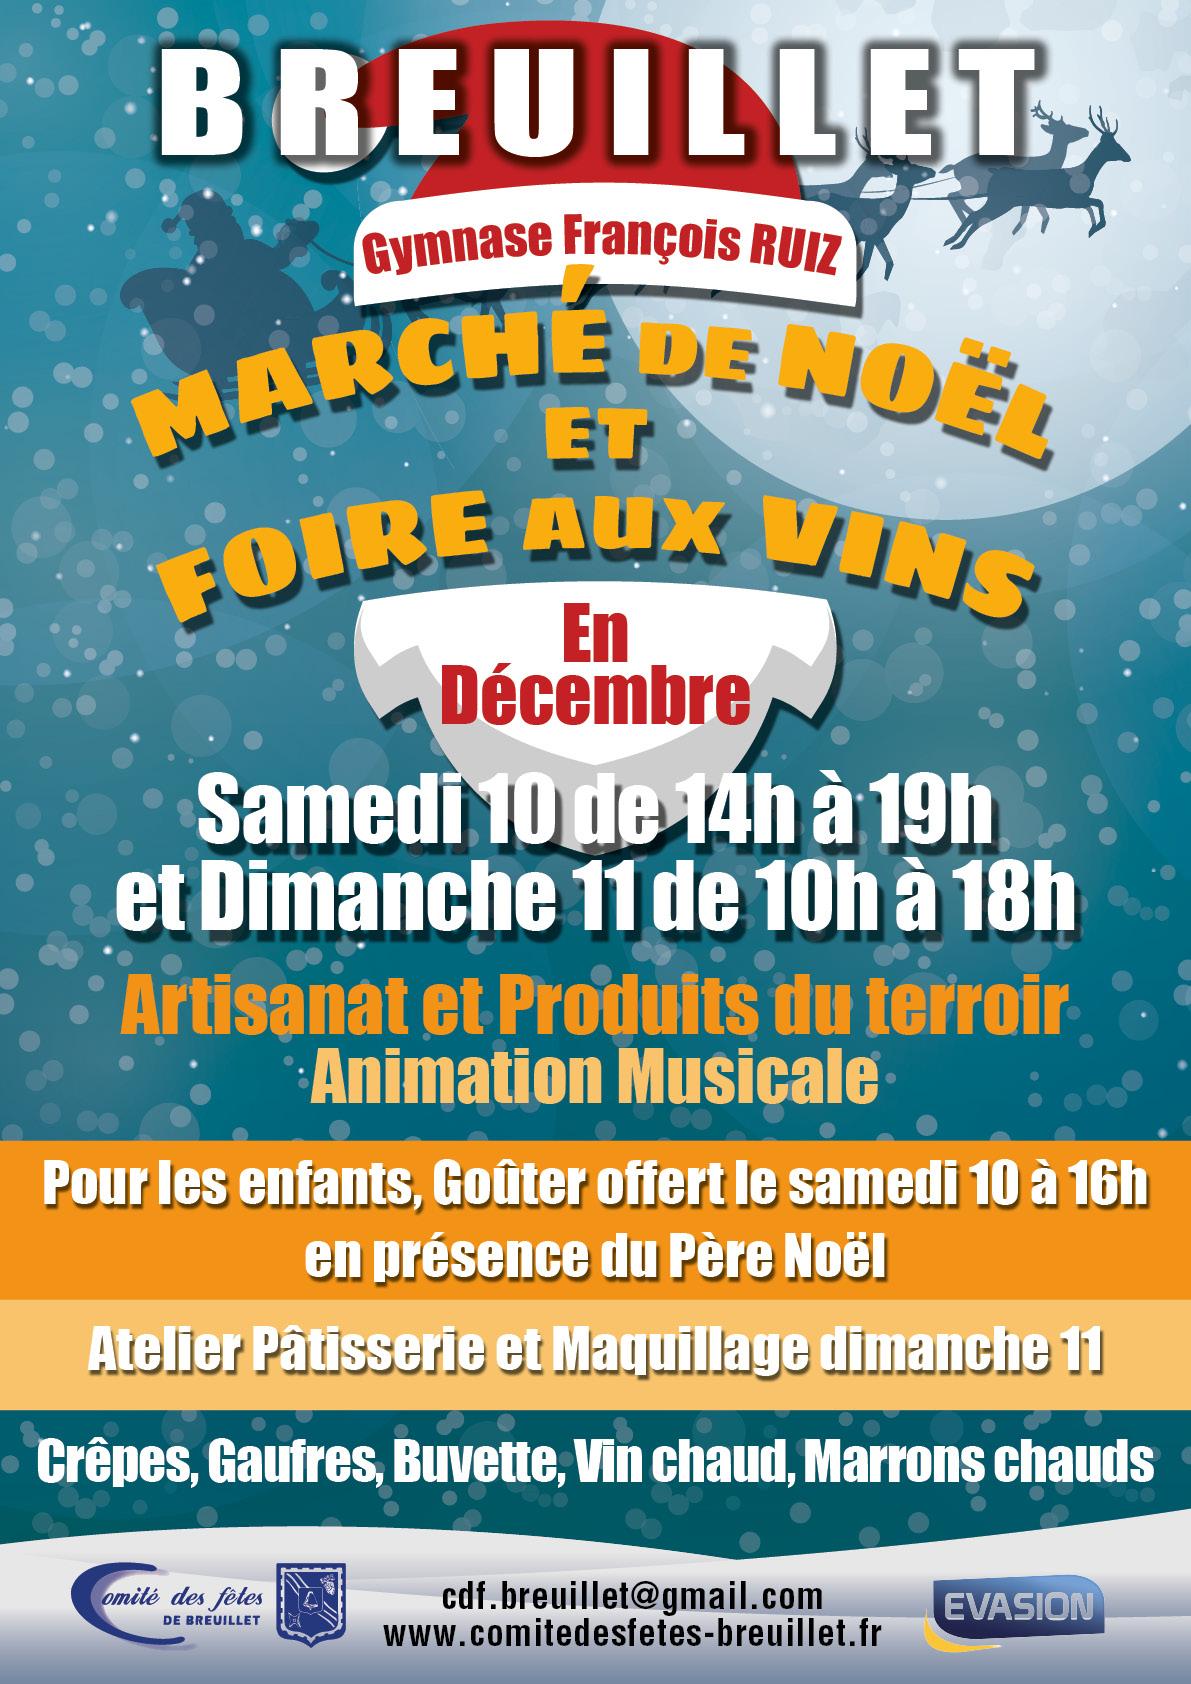 marche-de-noel-breuillet-new